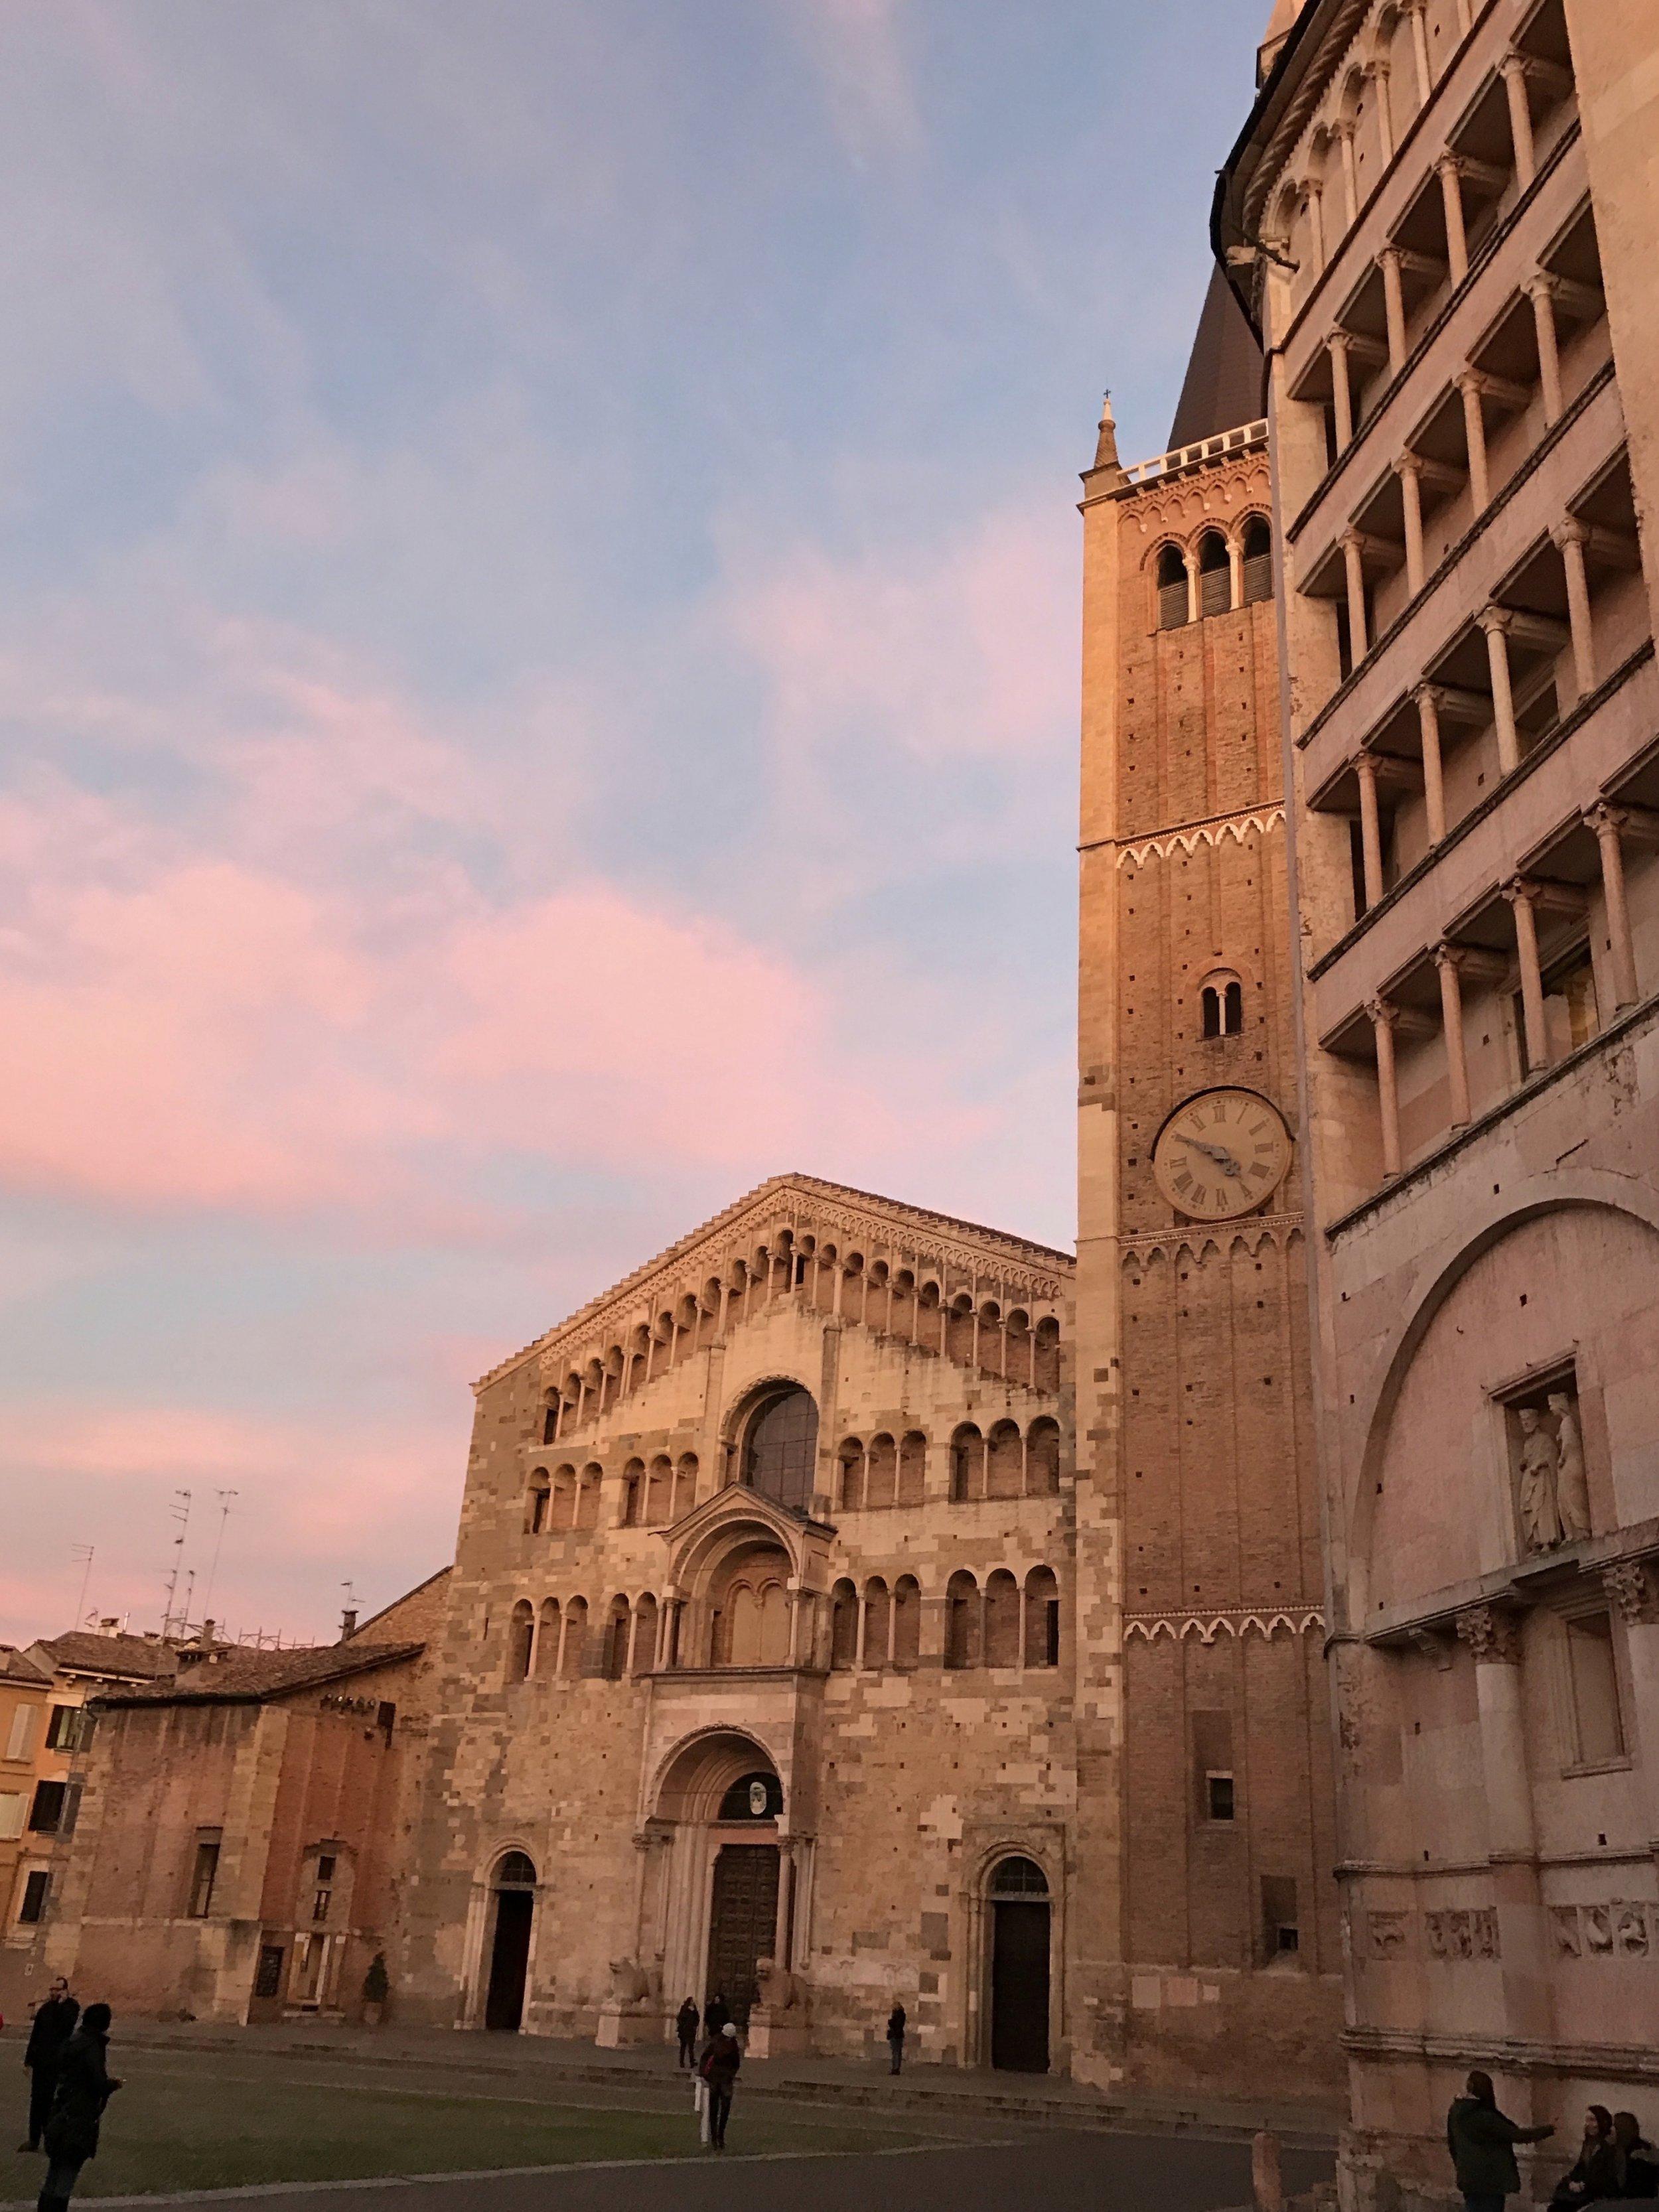 Parma, Emila Romagna